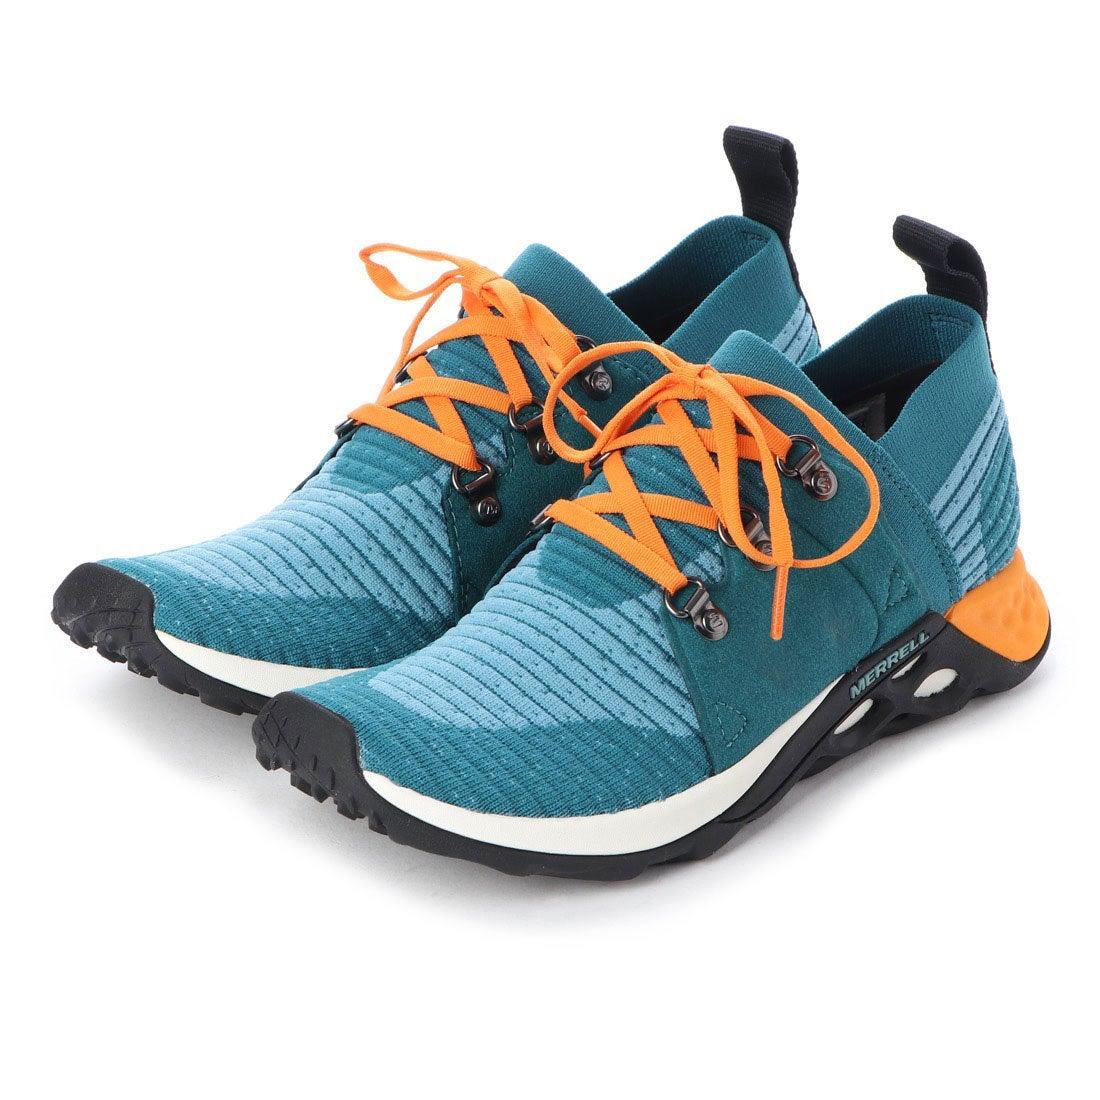 ロコンド 靴とファッションの通販サイトメレル MERRELL メンズ トレッキング アウトドアシューズ Reng AC+ J94487 9453